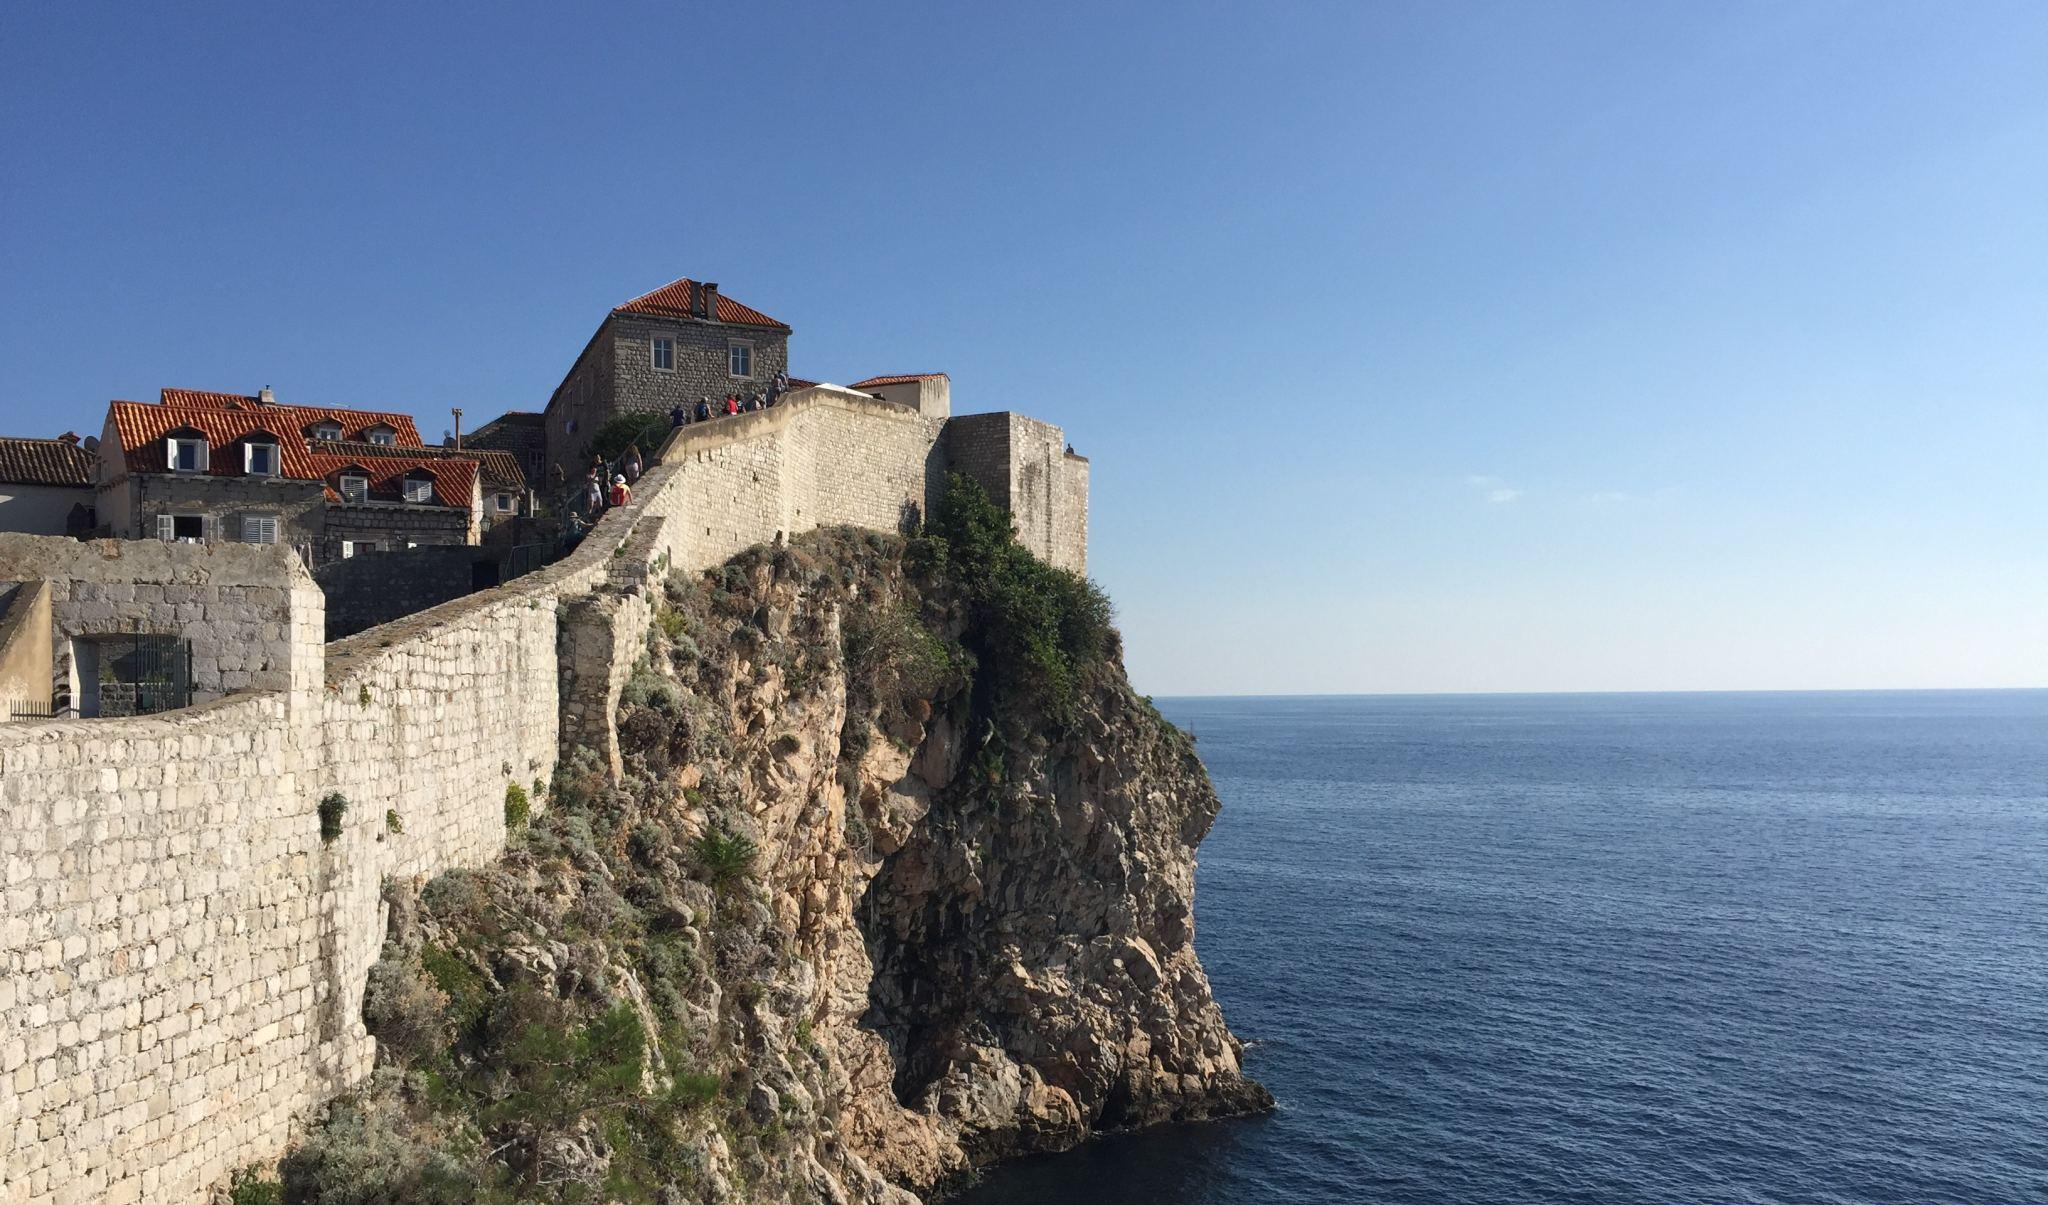 Dubrovnik Old Town Seaside Walls